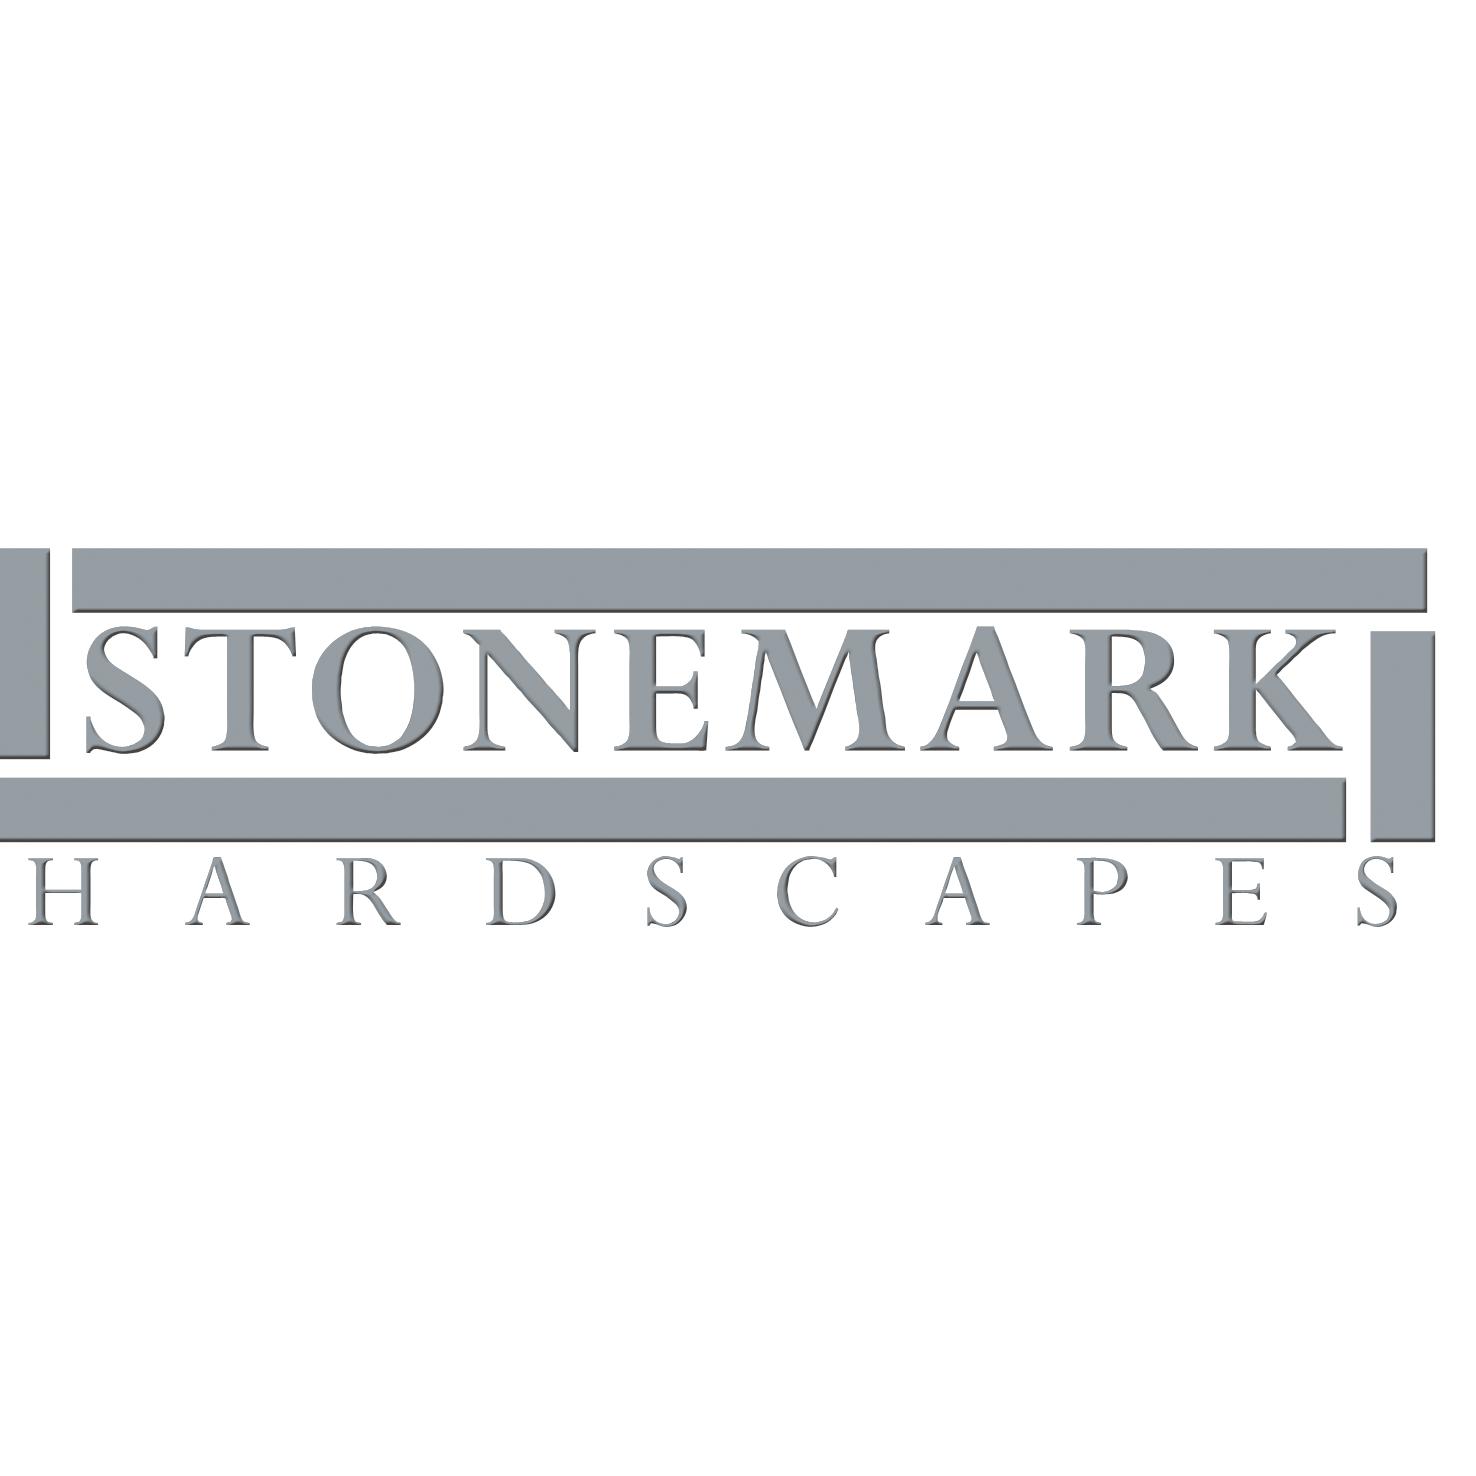 StoneMark Hardscapes